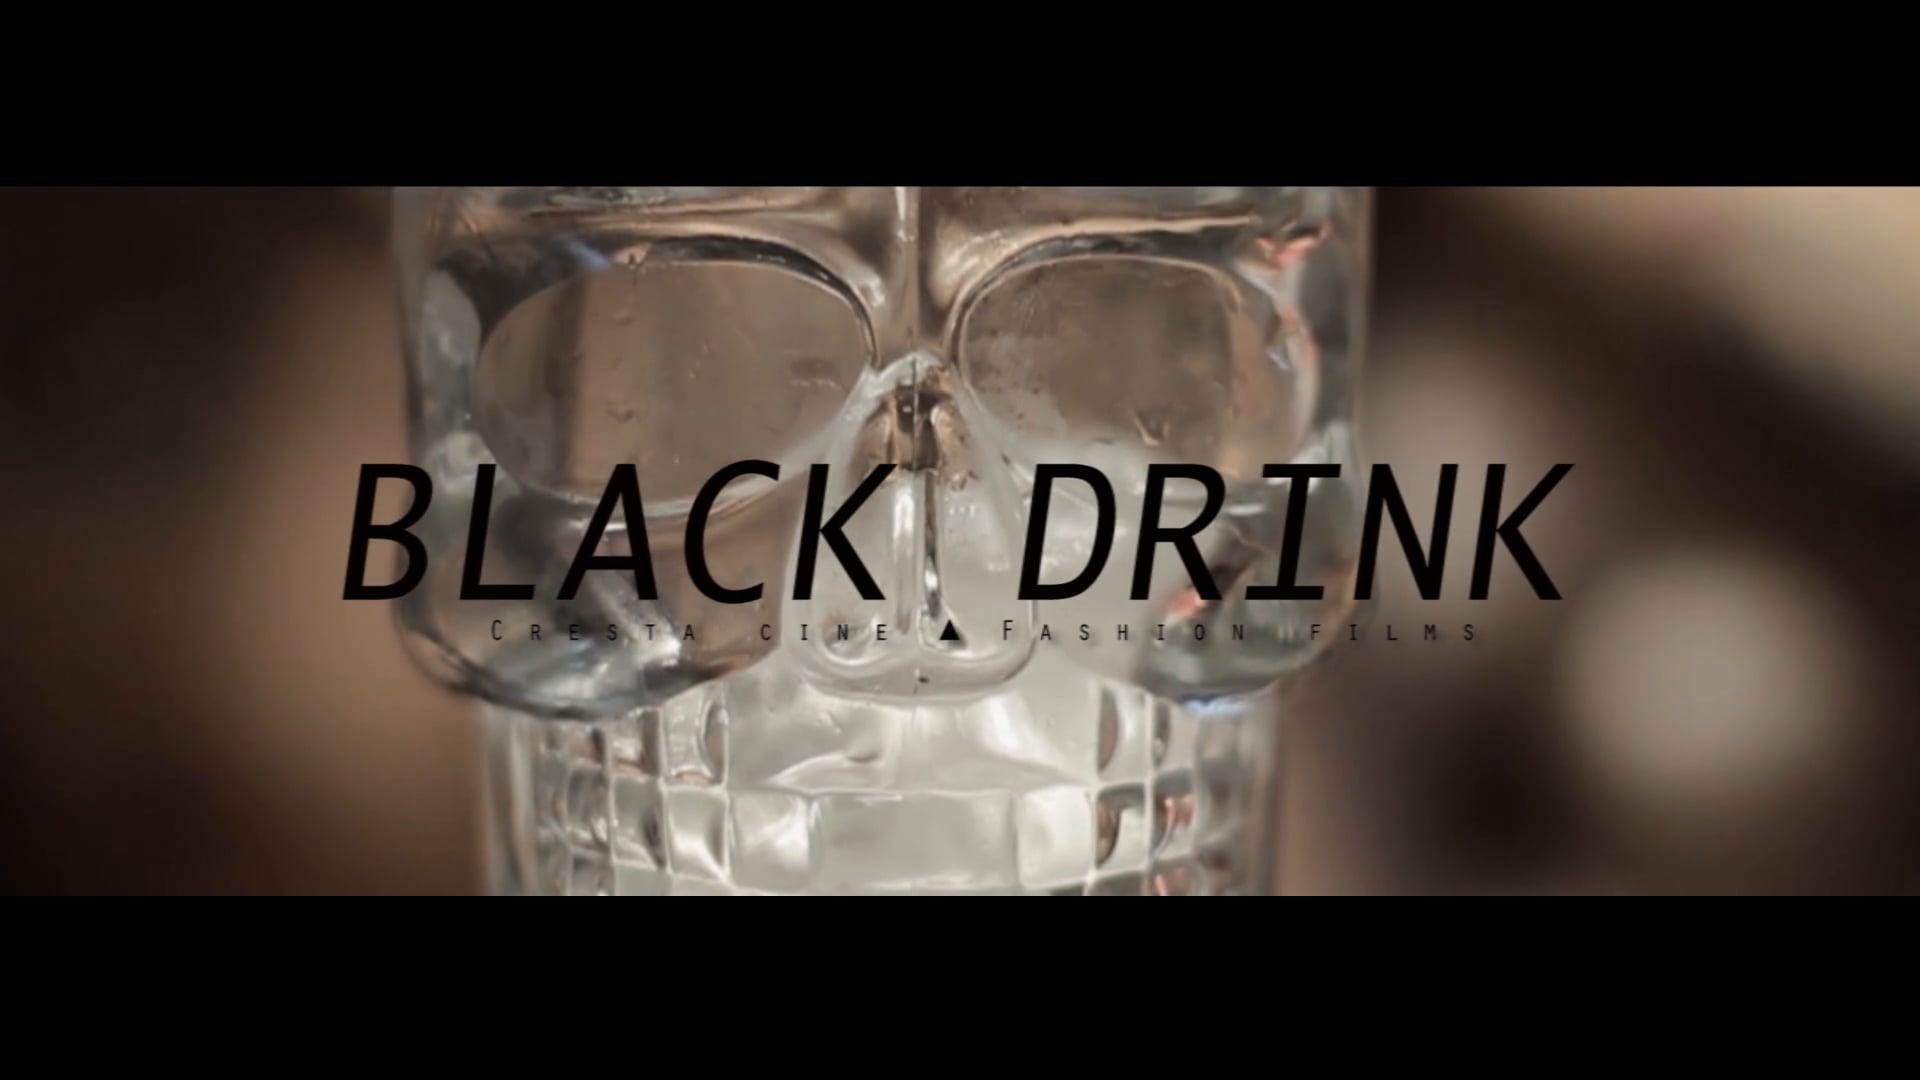 Black Drink - Fashion Film